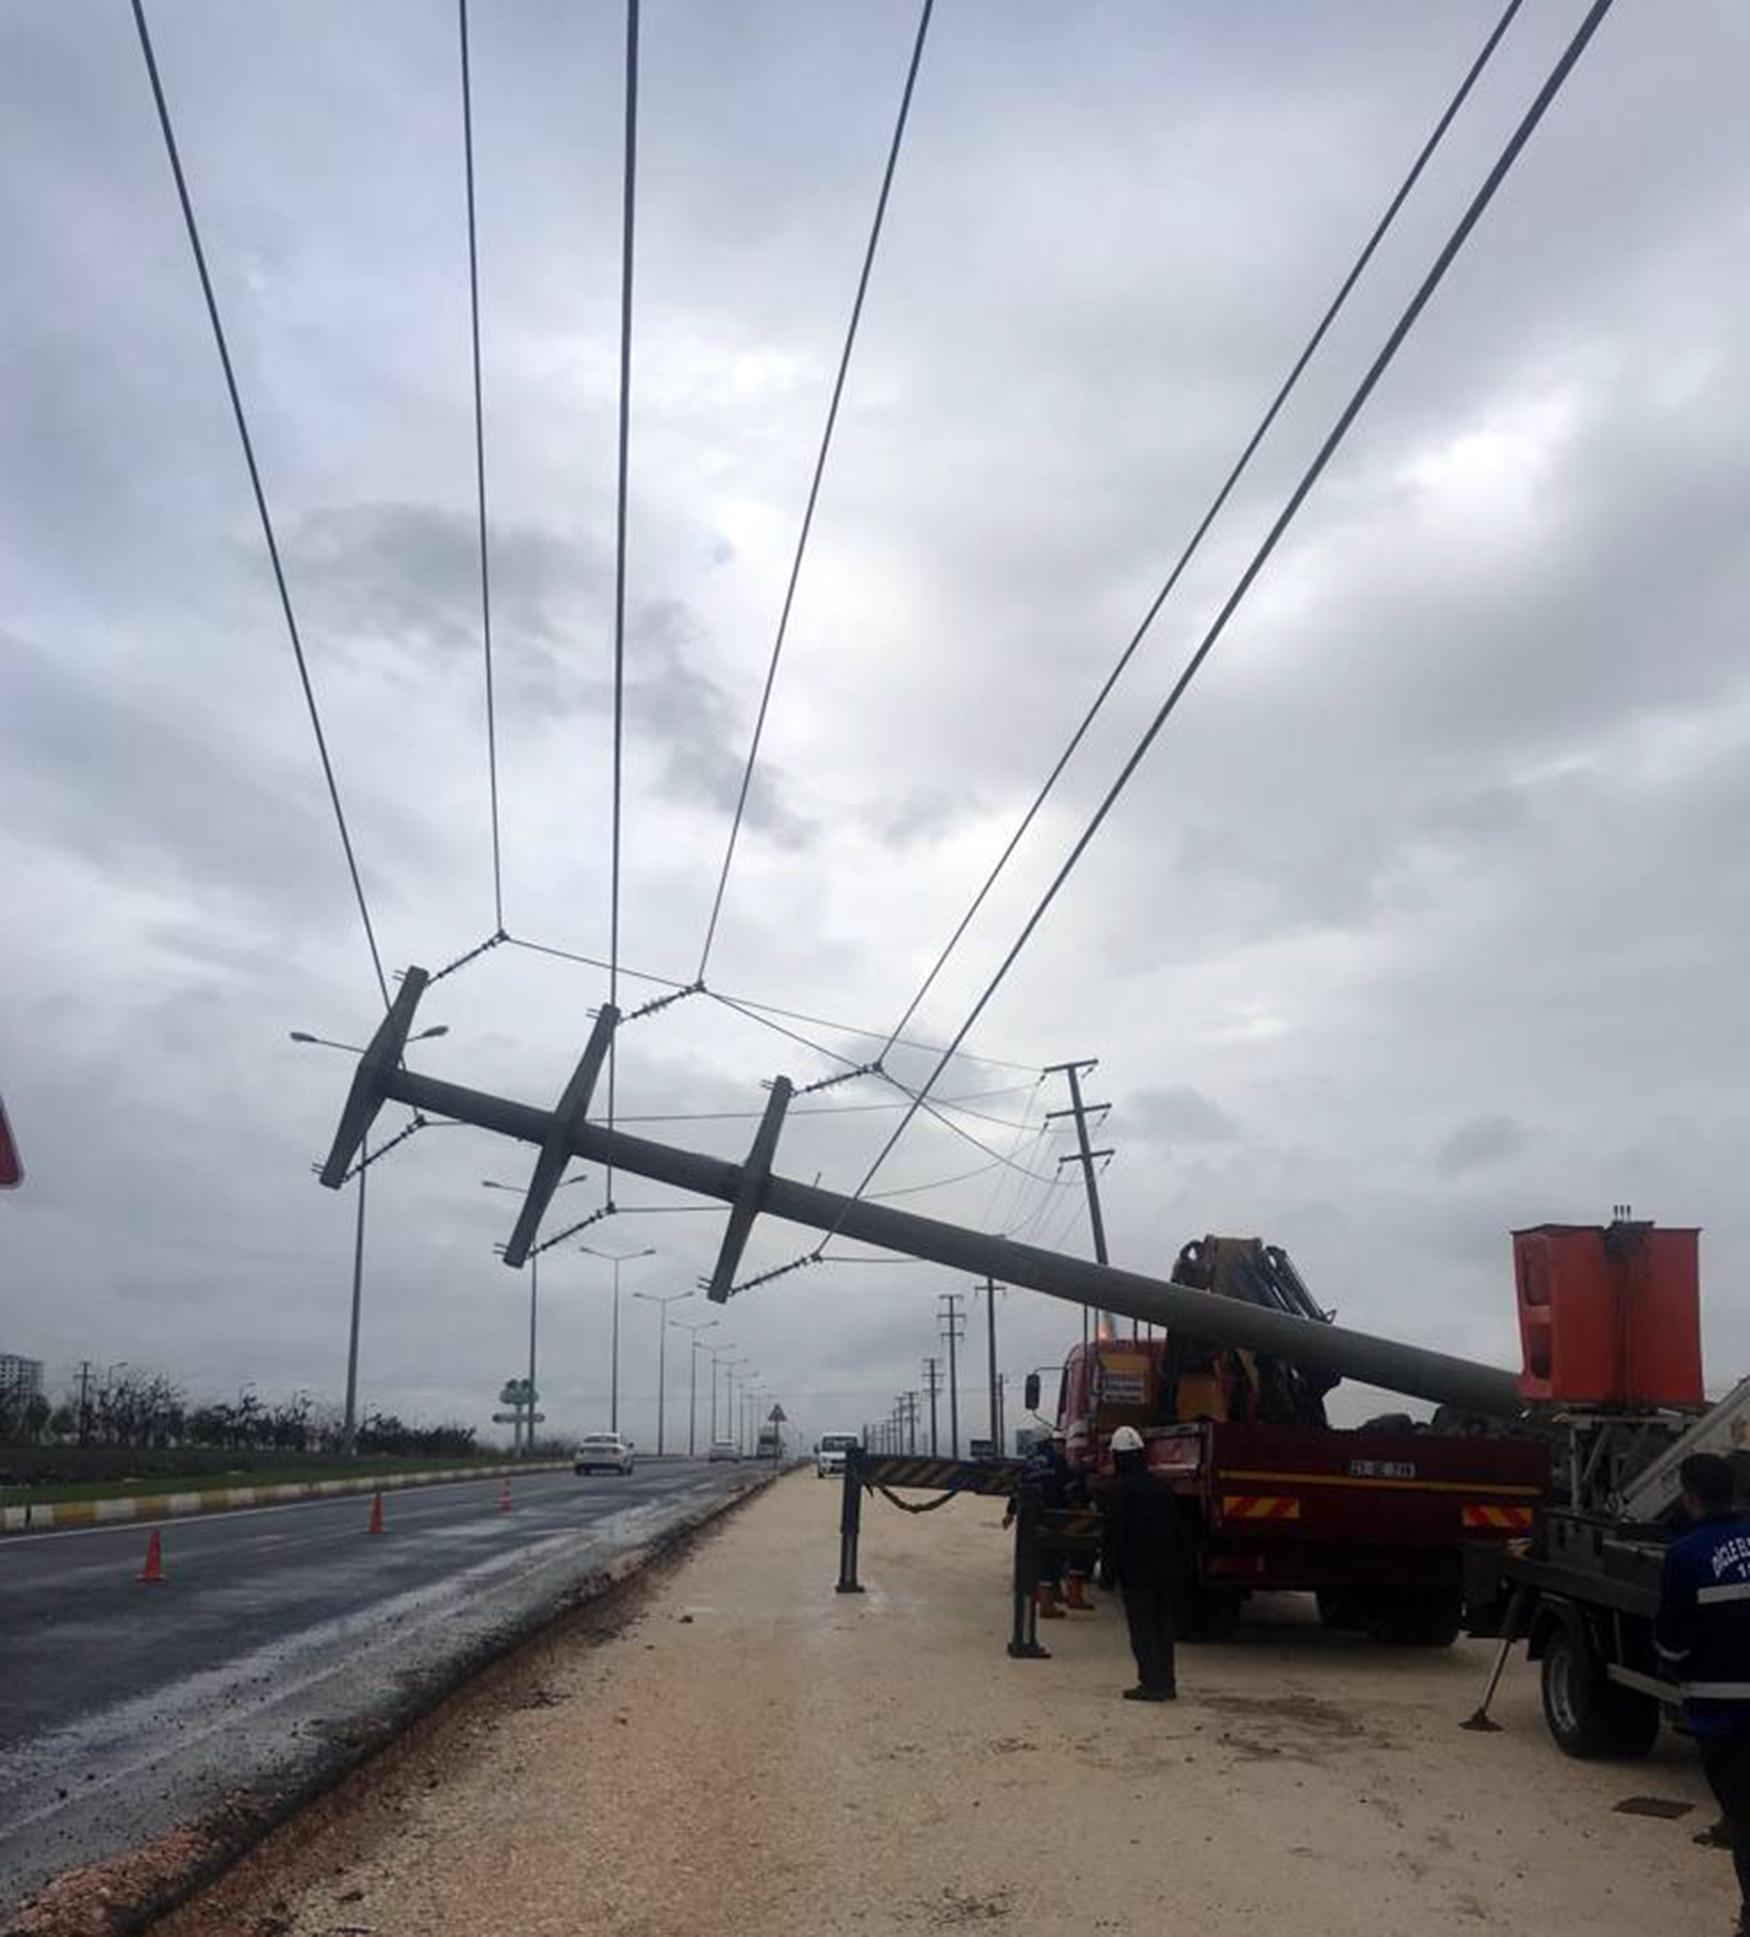 diyarbakirda-yagmur-elektrik-direkleri-devrildi_2963_dhaphoto3.jpg